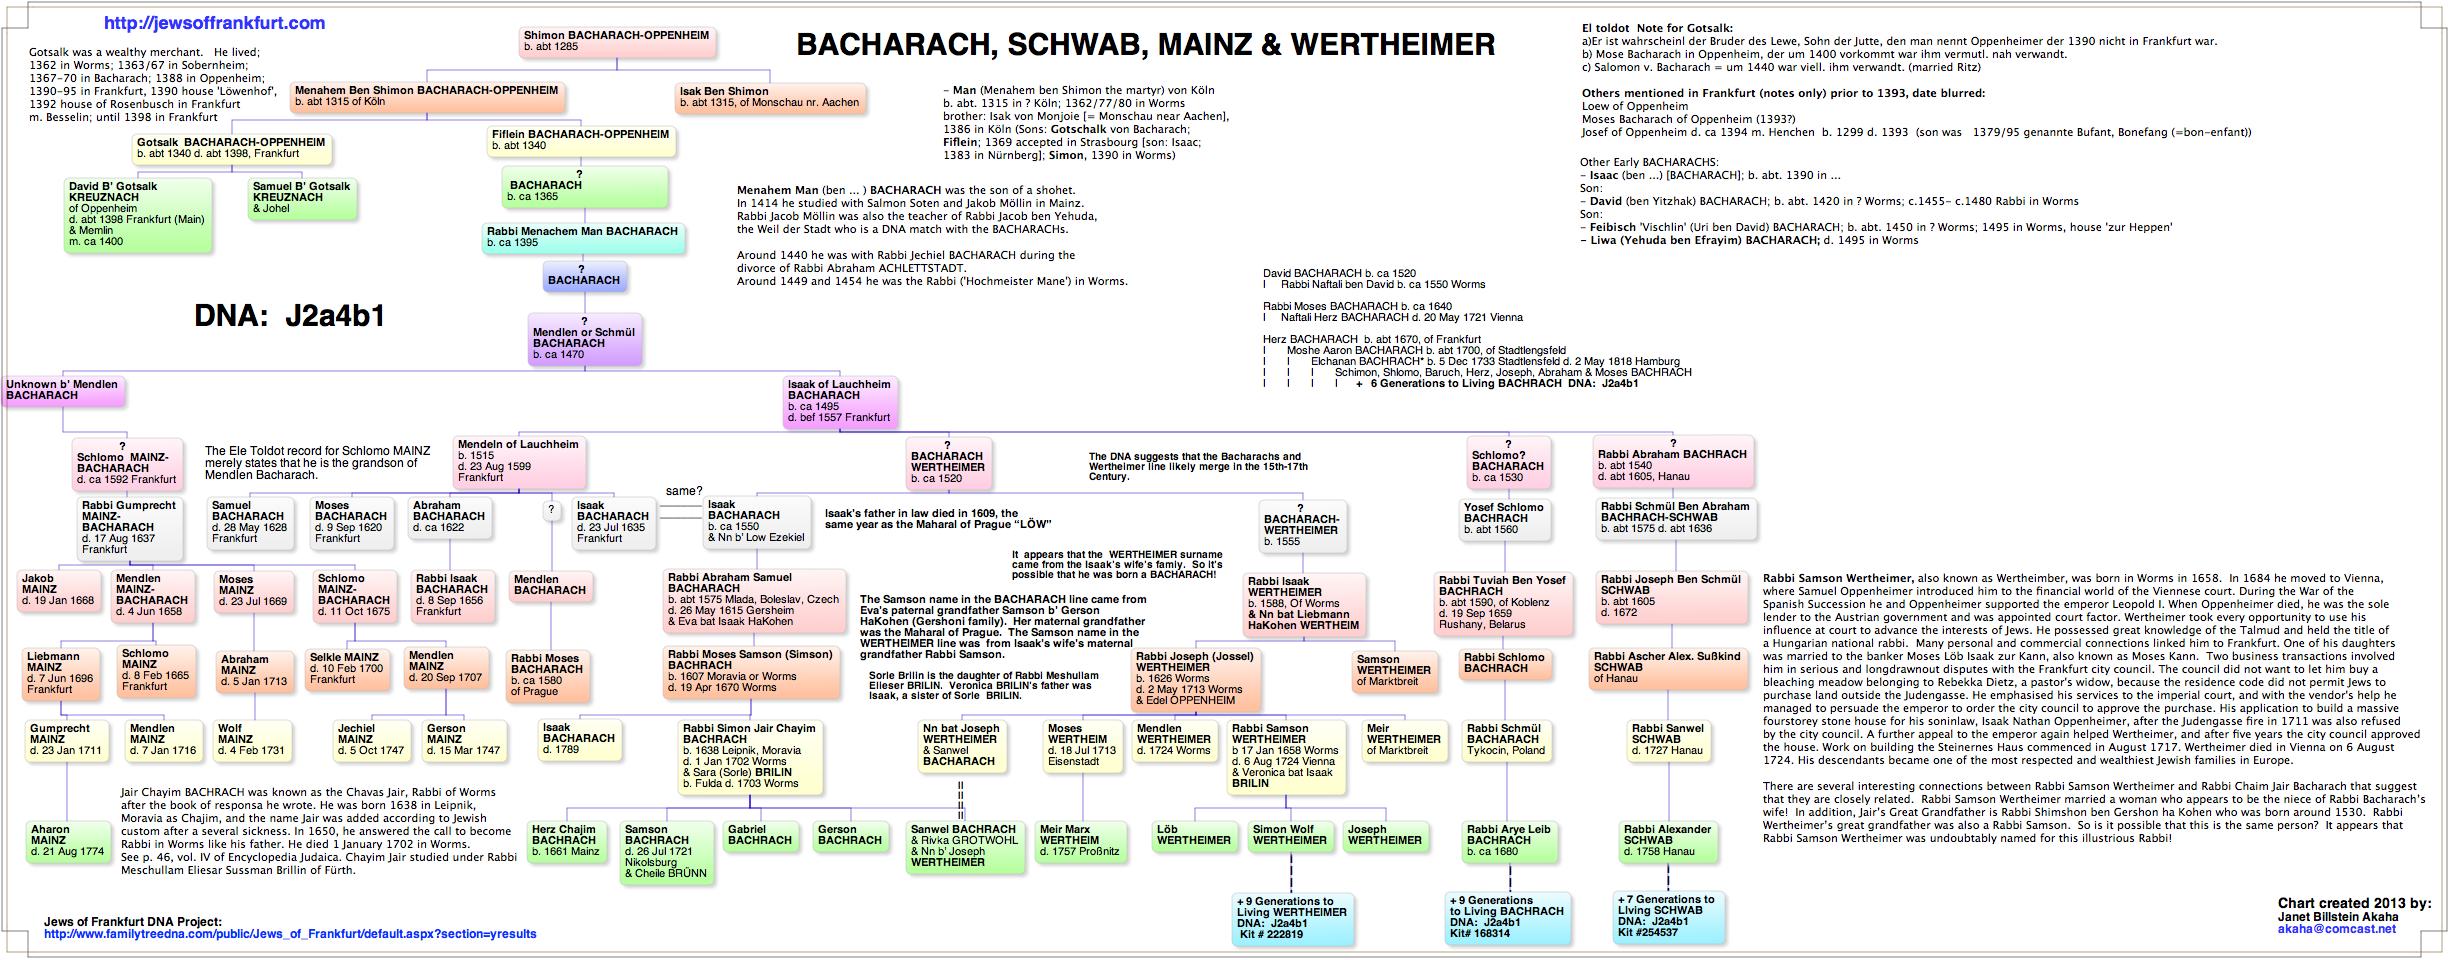 Bach(a)rach-Wertheim (J2a4b1)